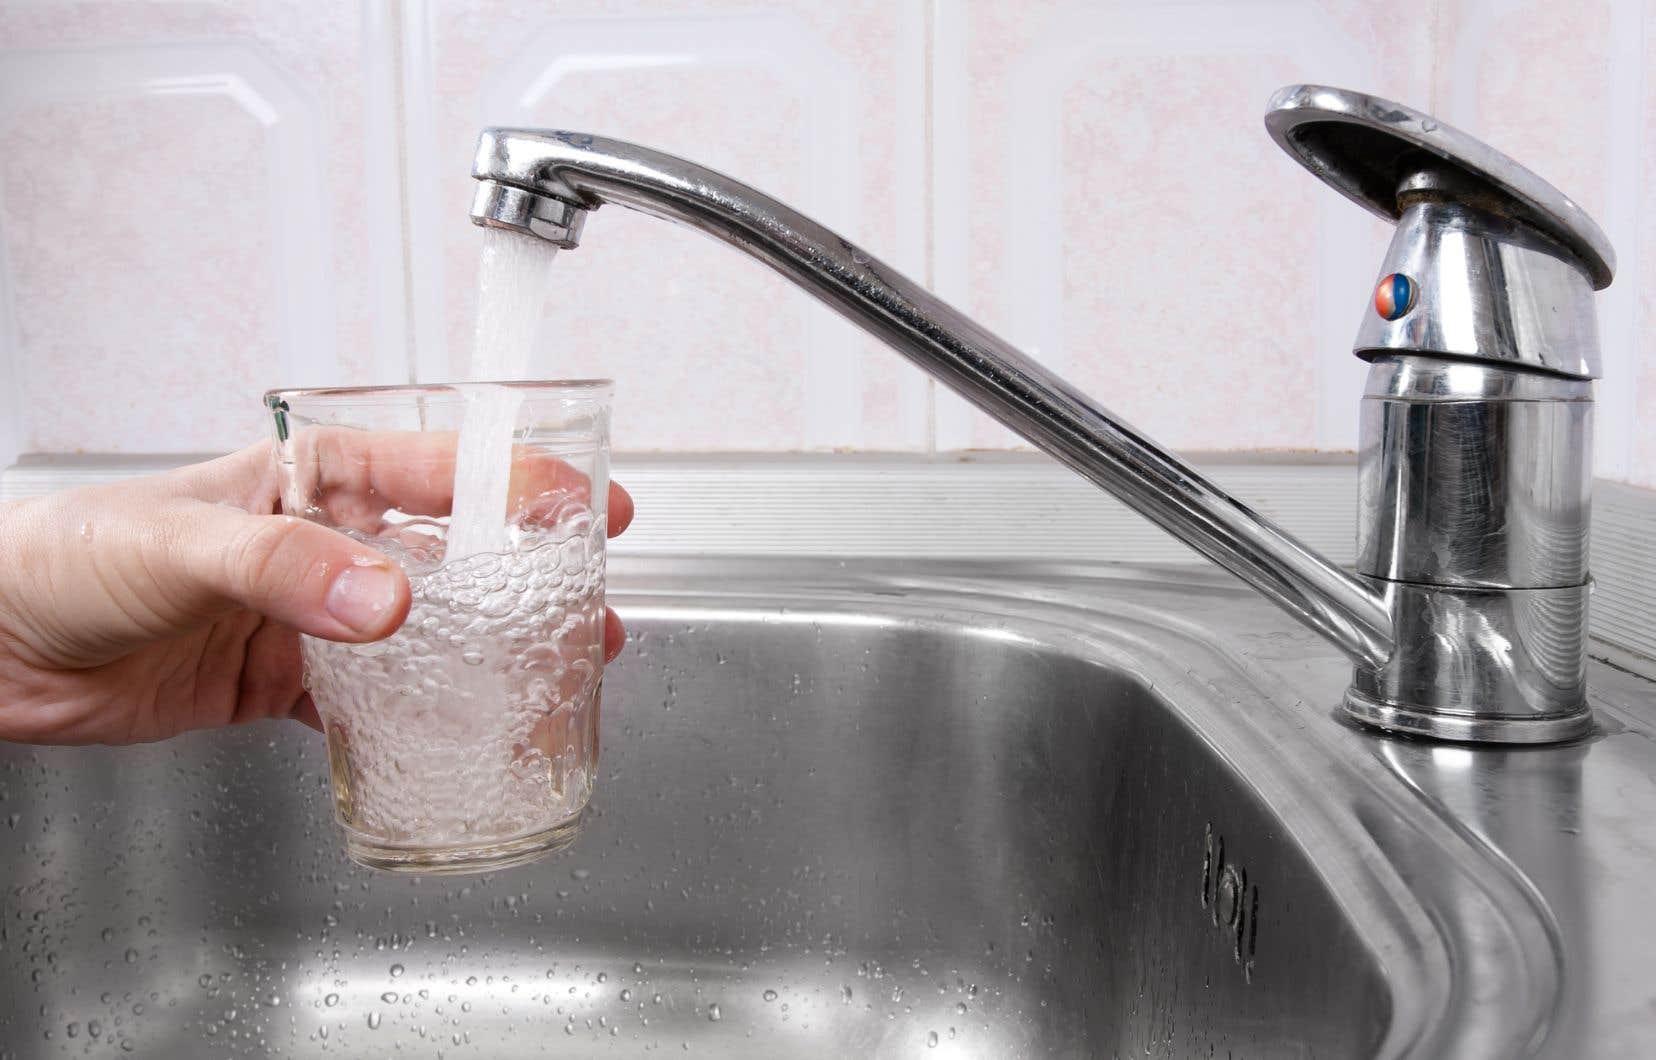 Des municipalités prêtes à recourir aux tribunaux pour protéger leur eau potable